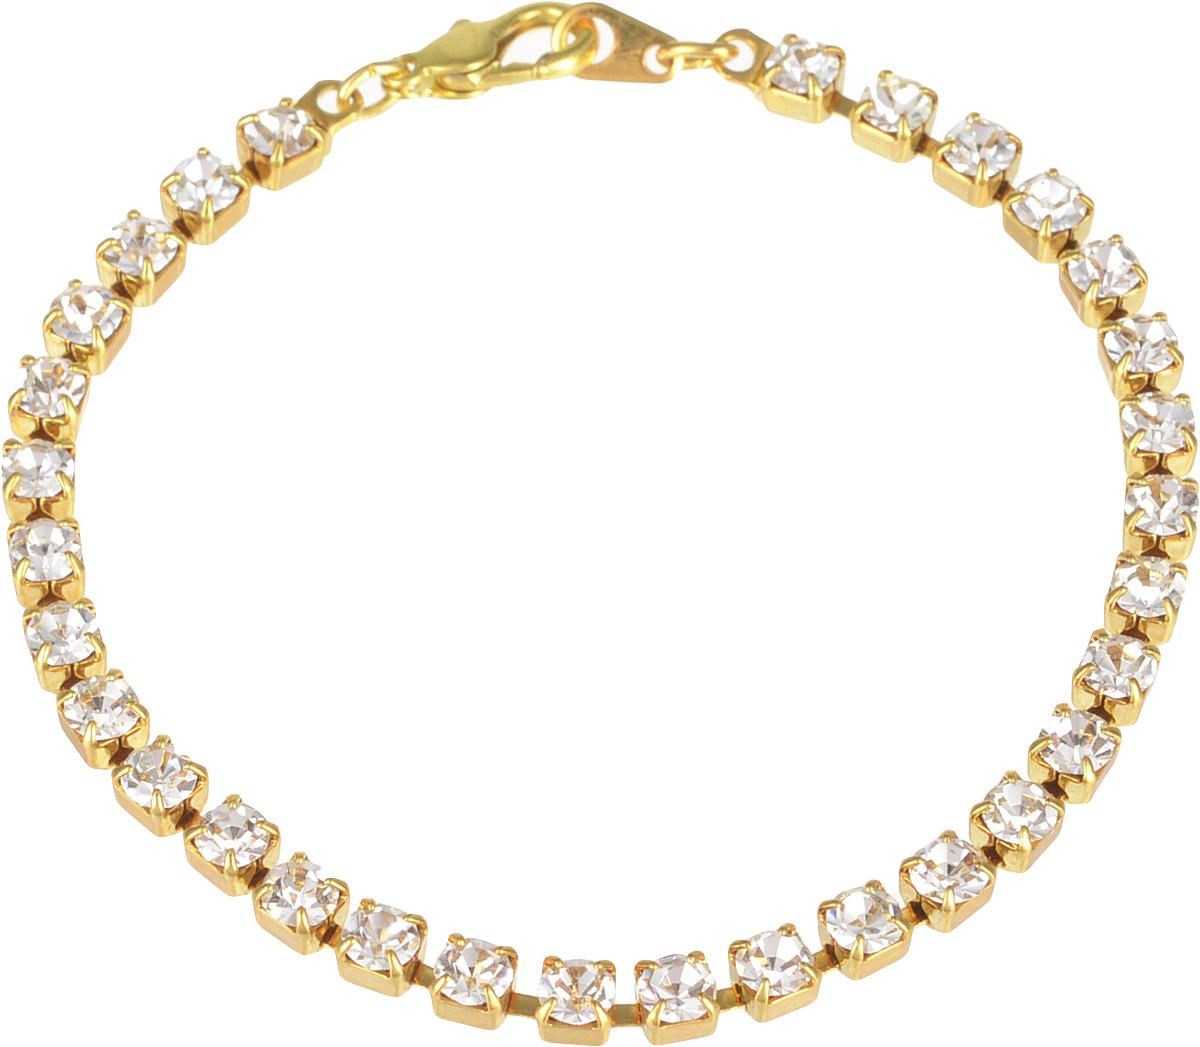 Браслет Bohemia Style, цвет: кристалл. 7457 6180 DSБраслет с подвескамиоднорядный стразовый браслет,размер камня 4х4мм